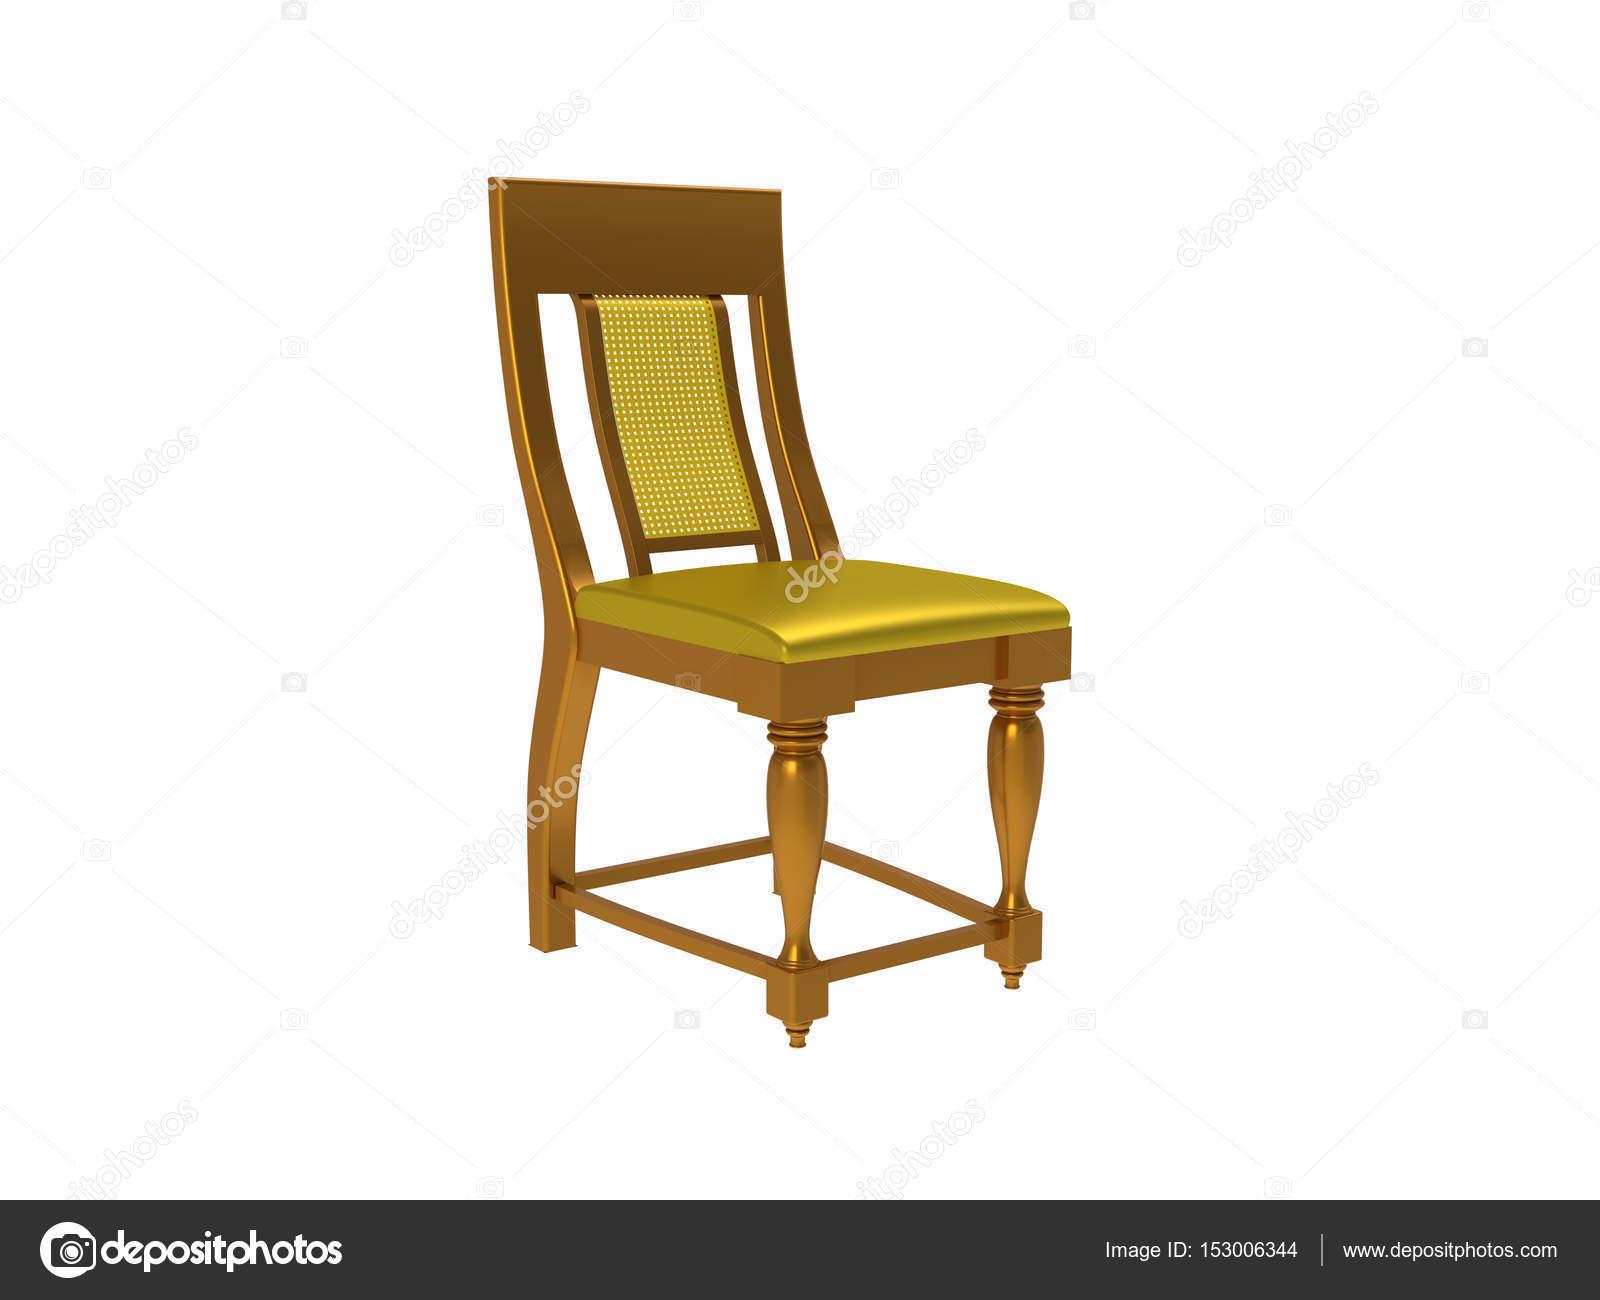 Chaise De Style Colonial Classique Isol Sur Fond Blanc Image Dandesign86